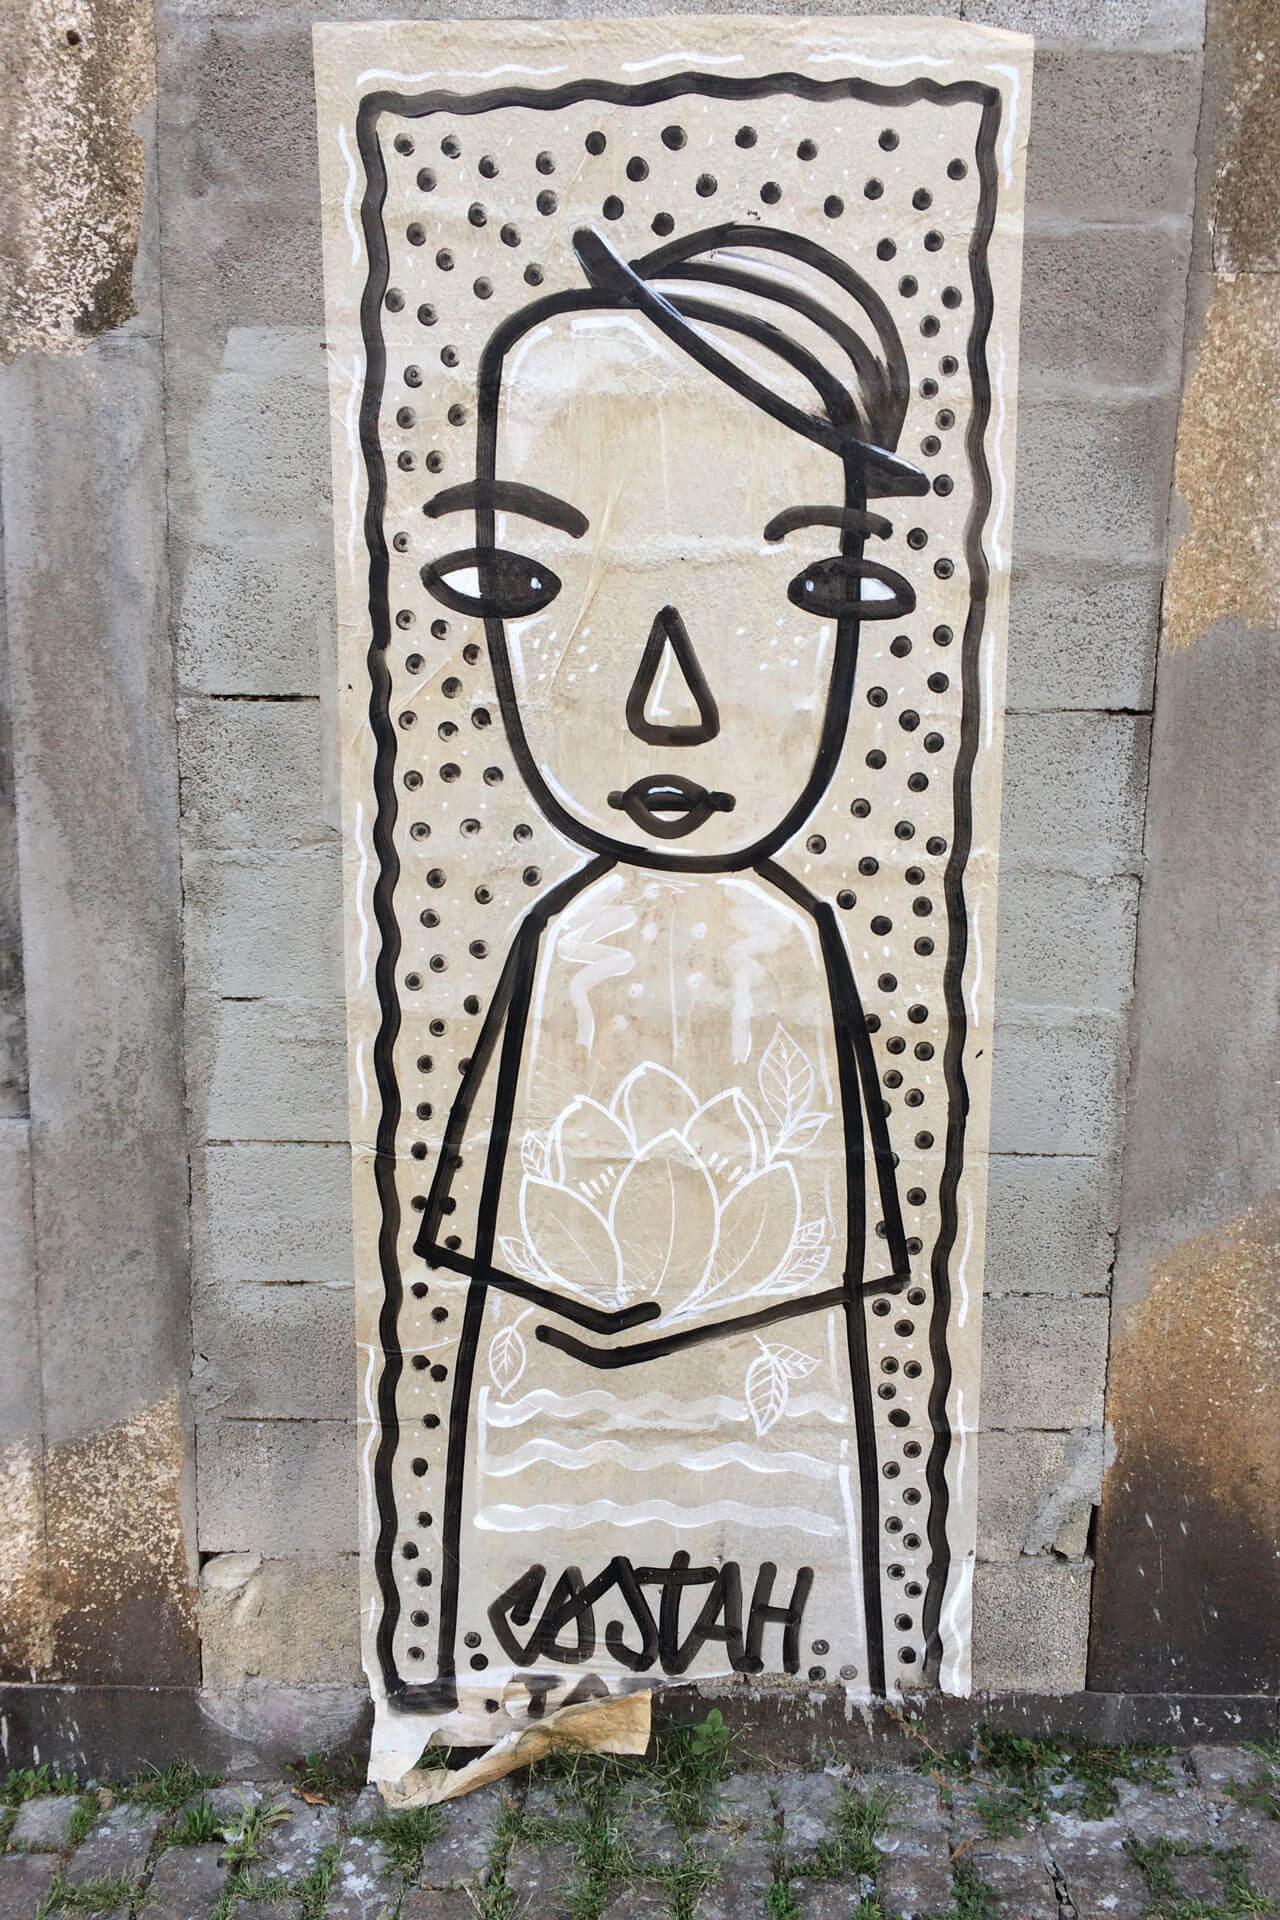 Streetart in Porto - Portugal